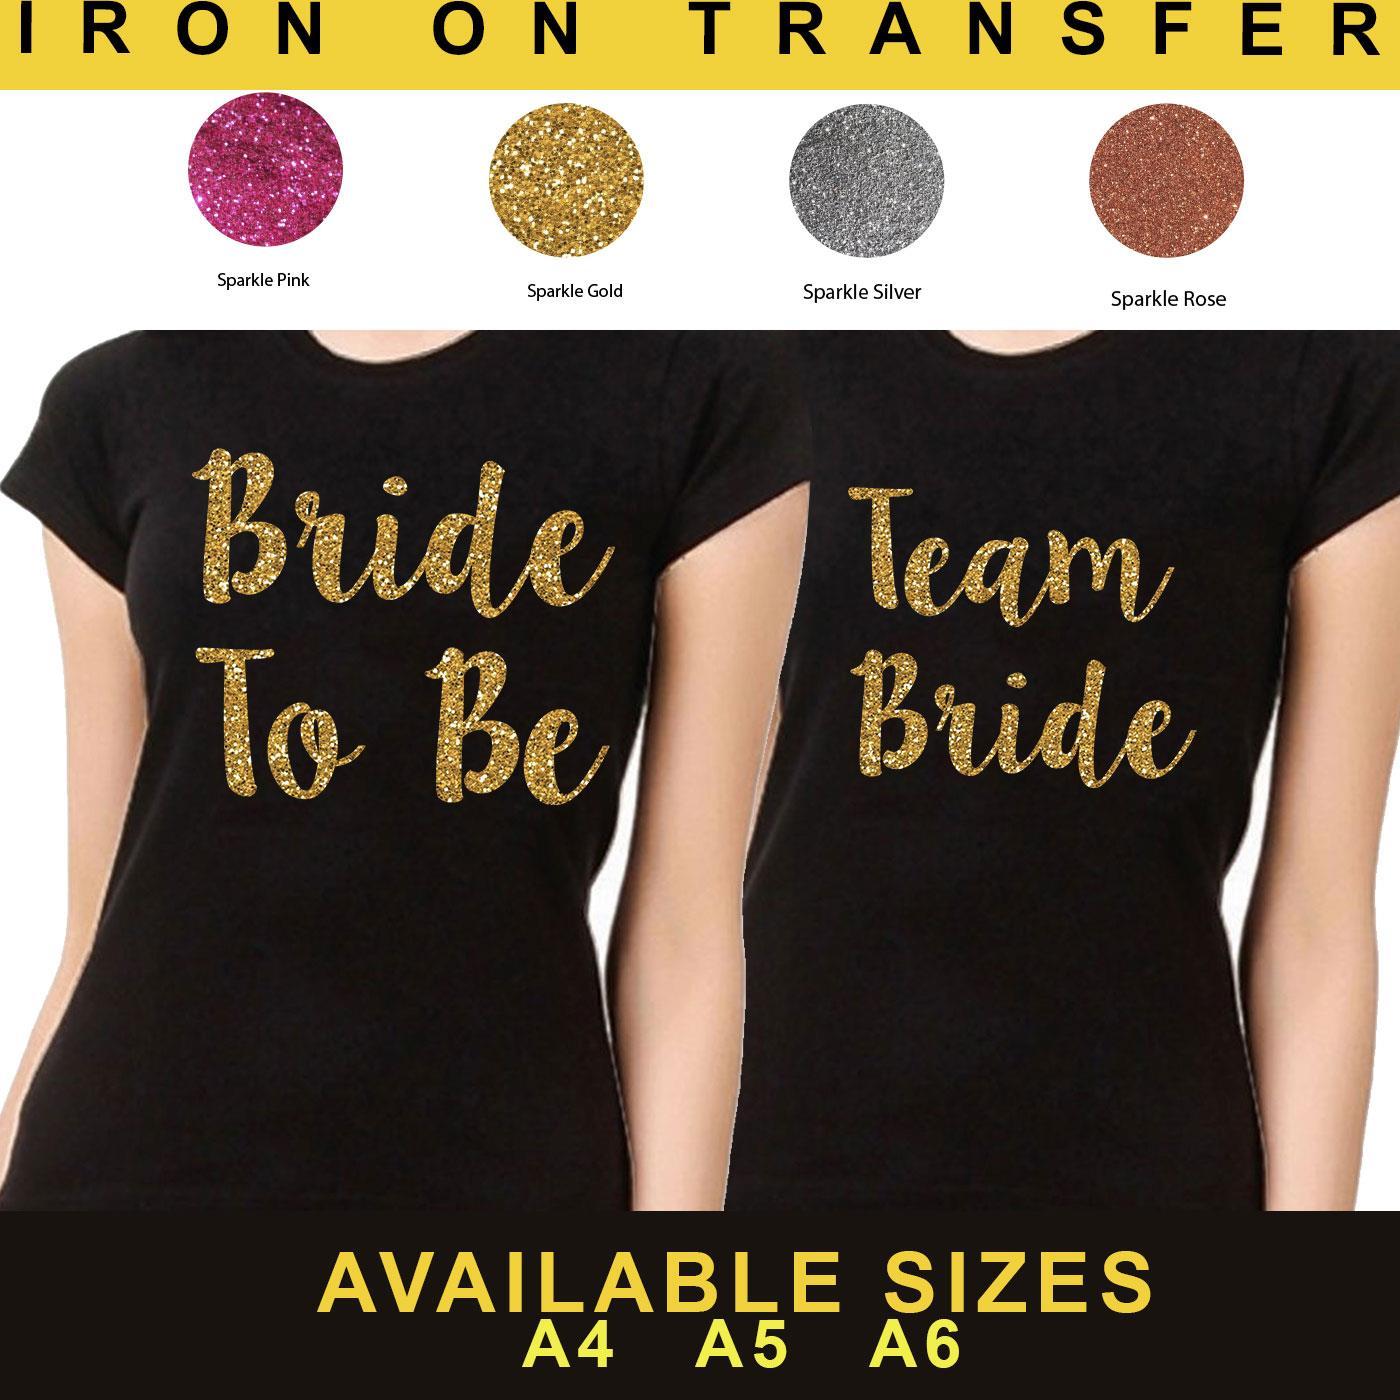 Flower Girl Hen Do Party Vinyl Iron On Transfer T Shirt Sparkle Custom Top 7721